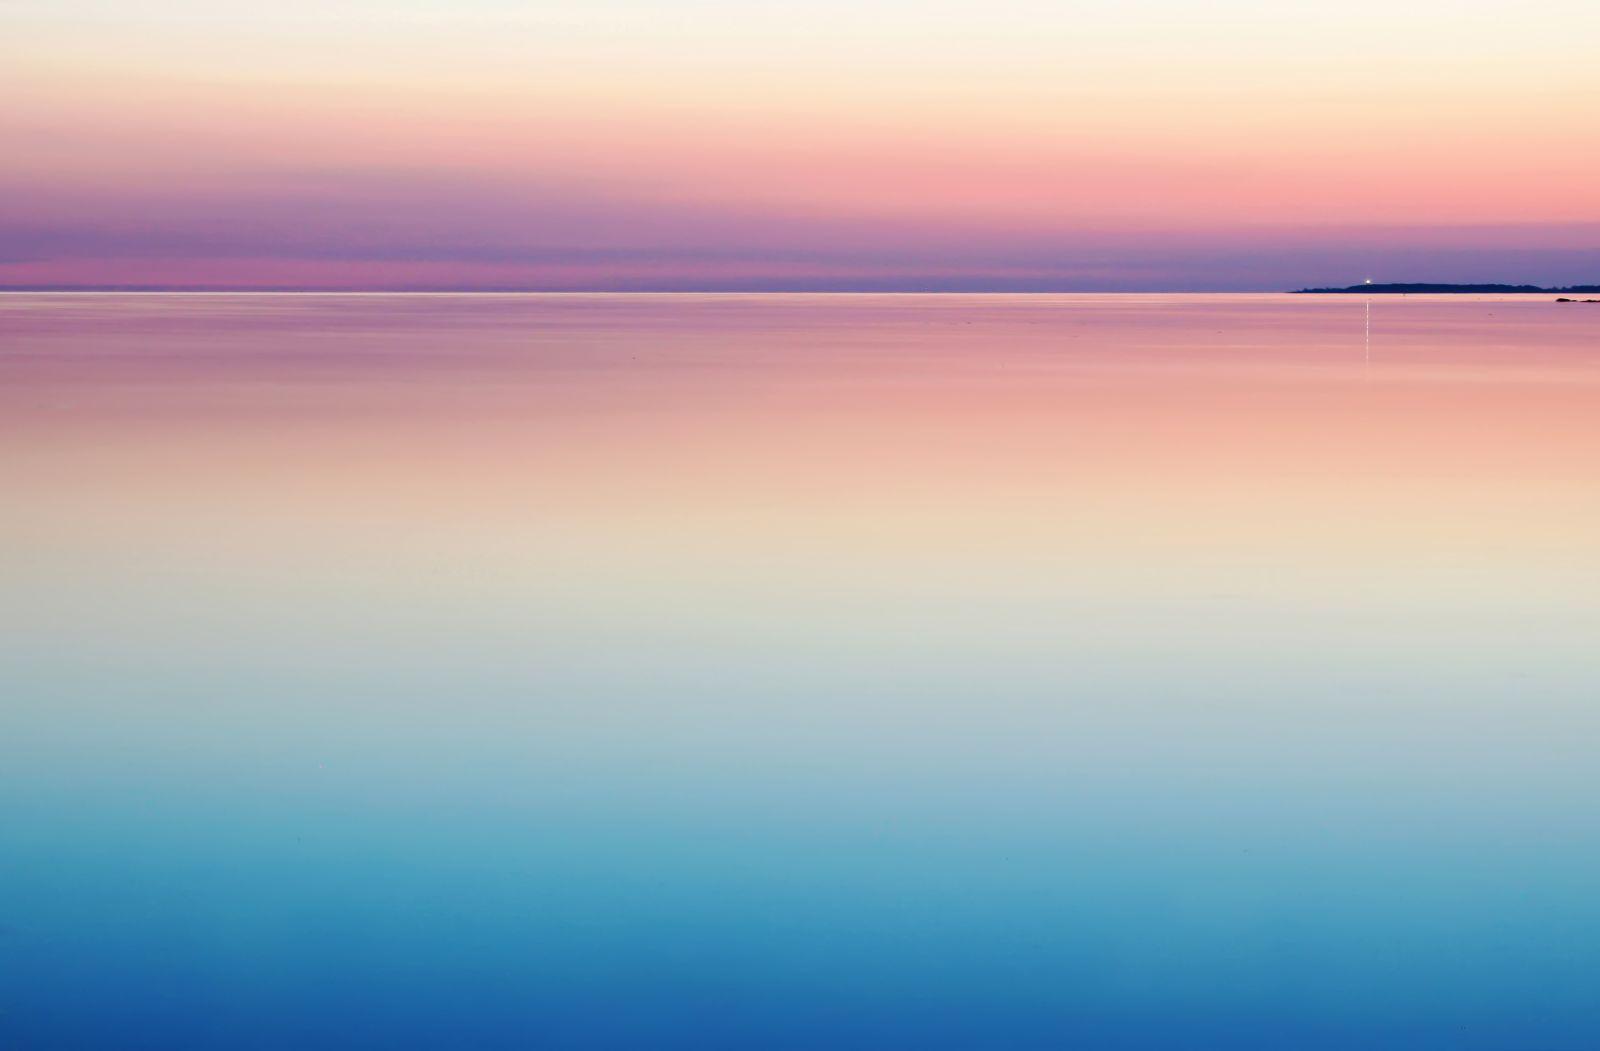 Sonnenuntergang in wunderschönen beruhigenden Pastelfarben